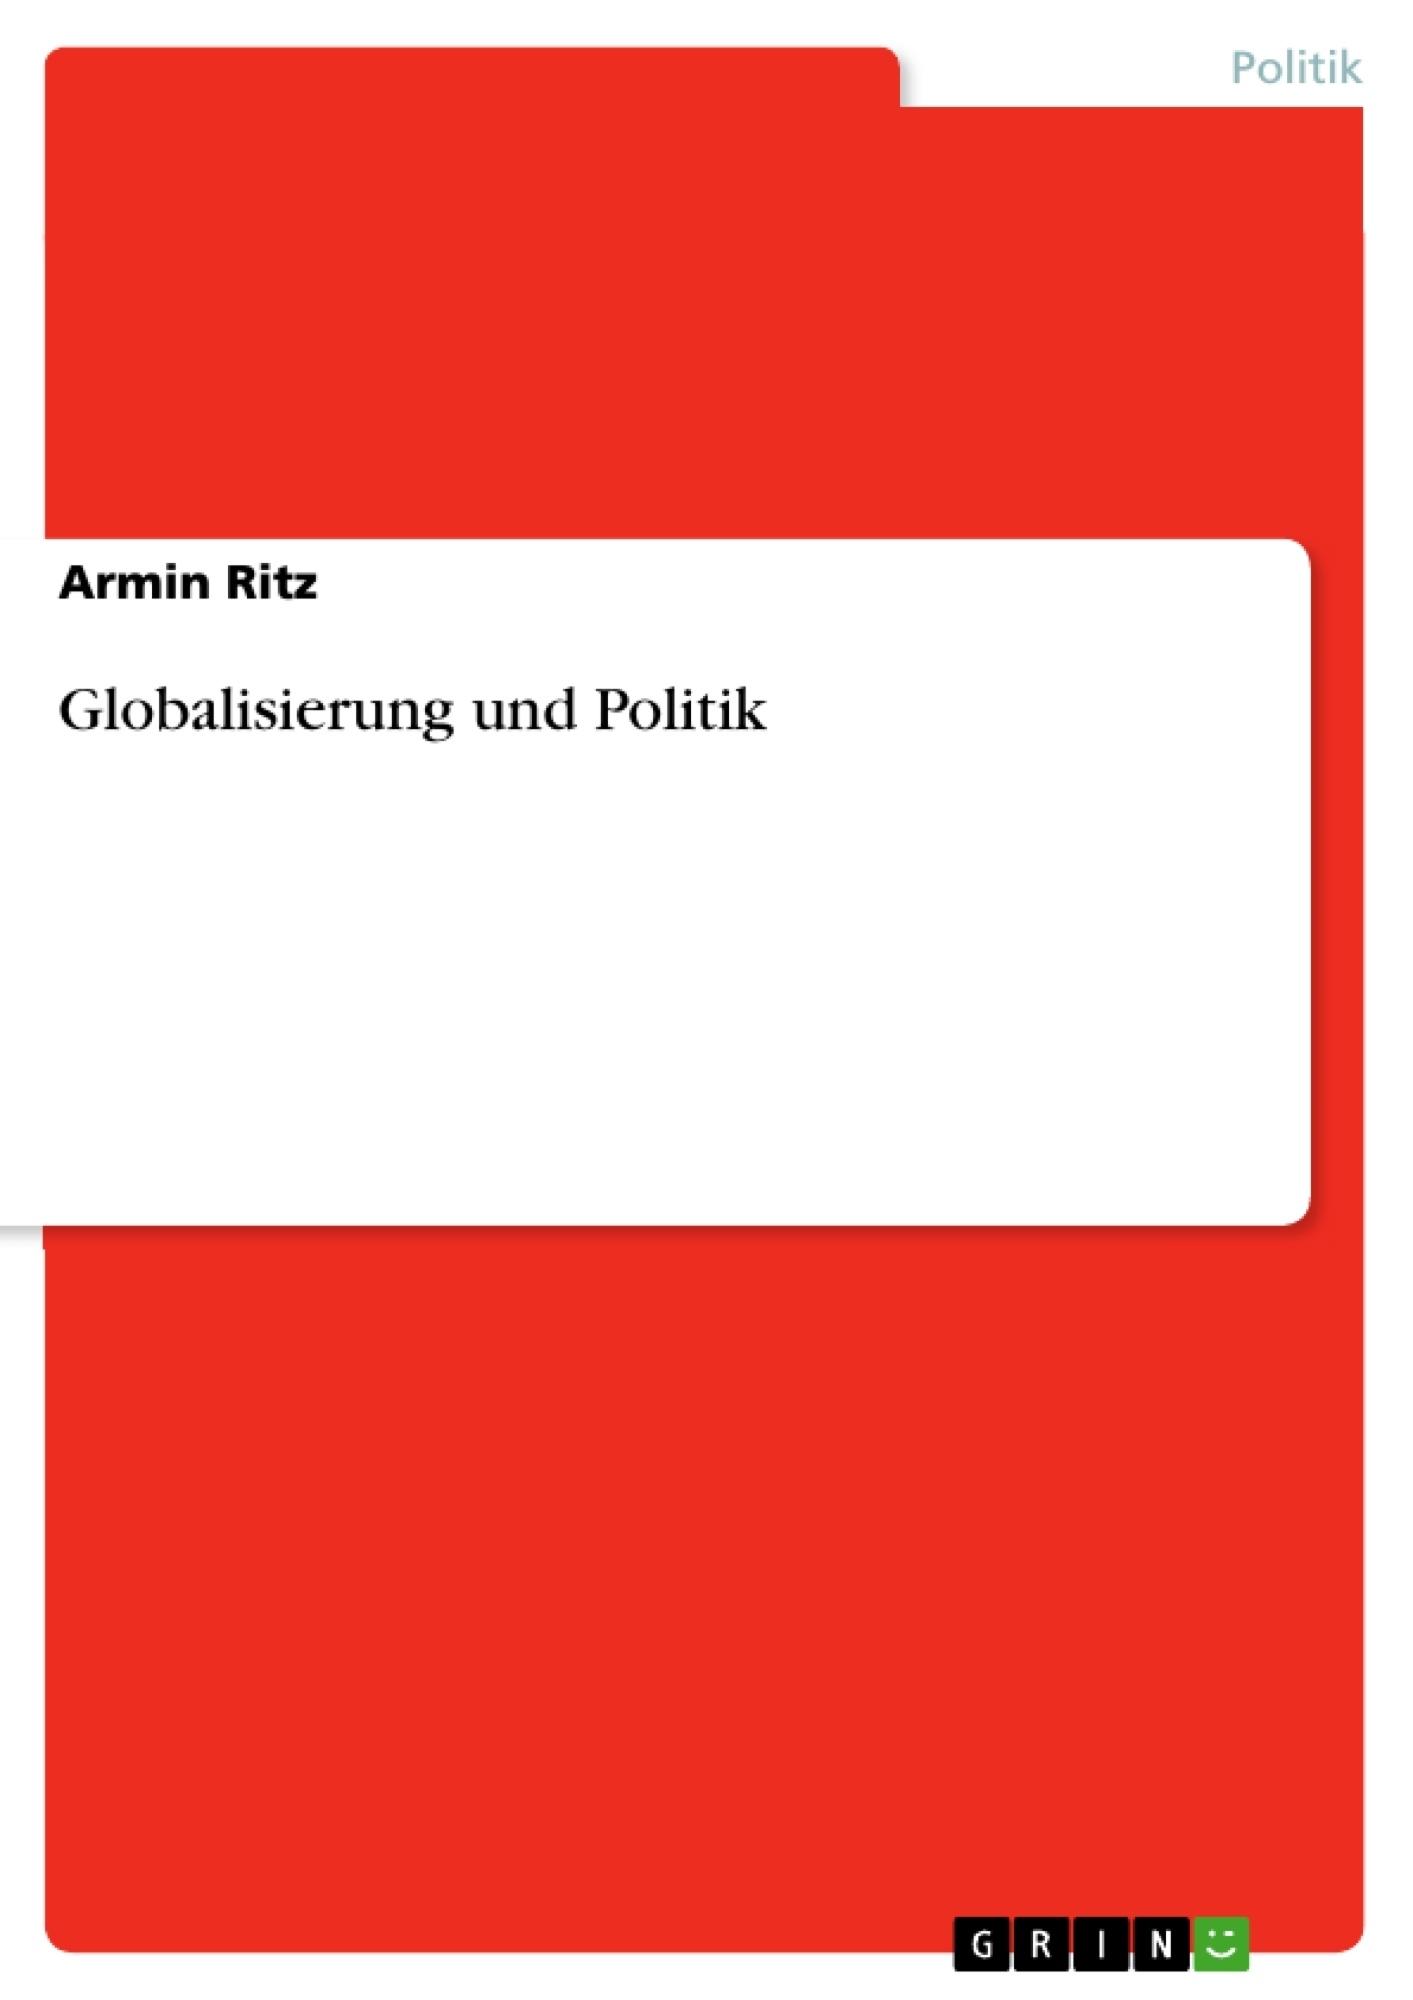 Titel: Globalisierung und Politik